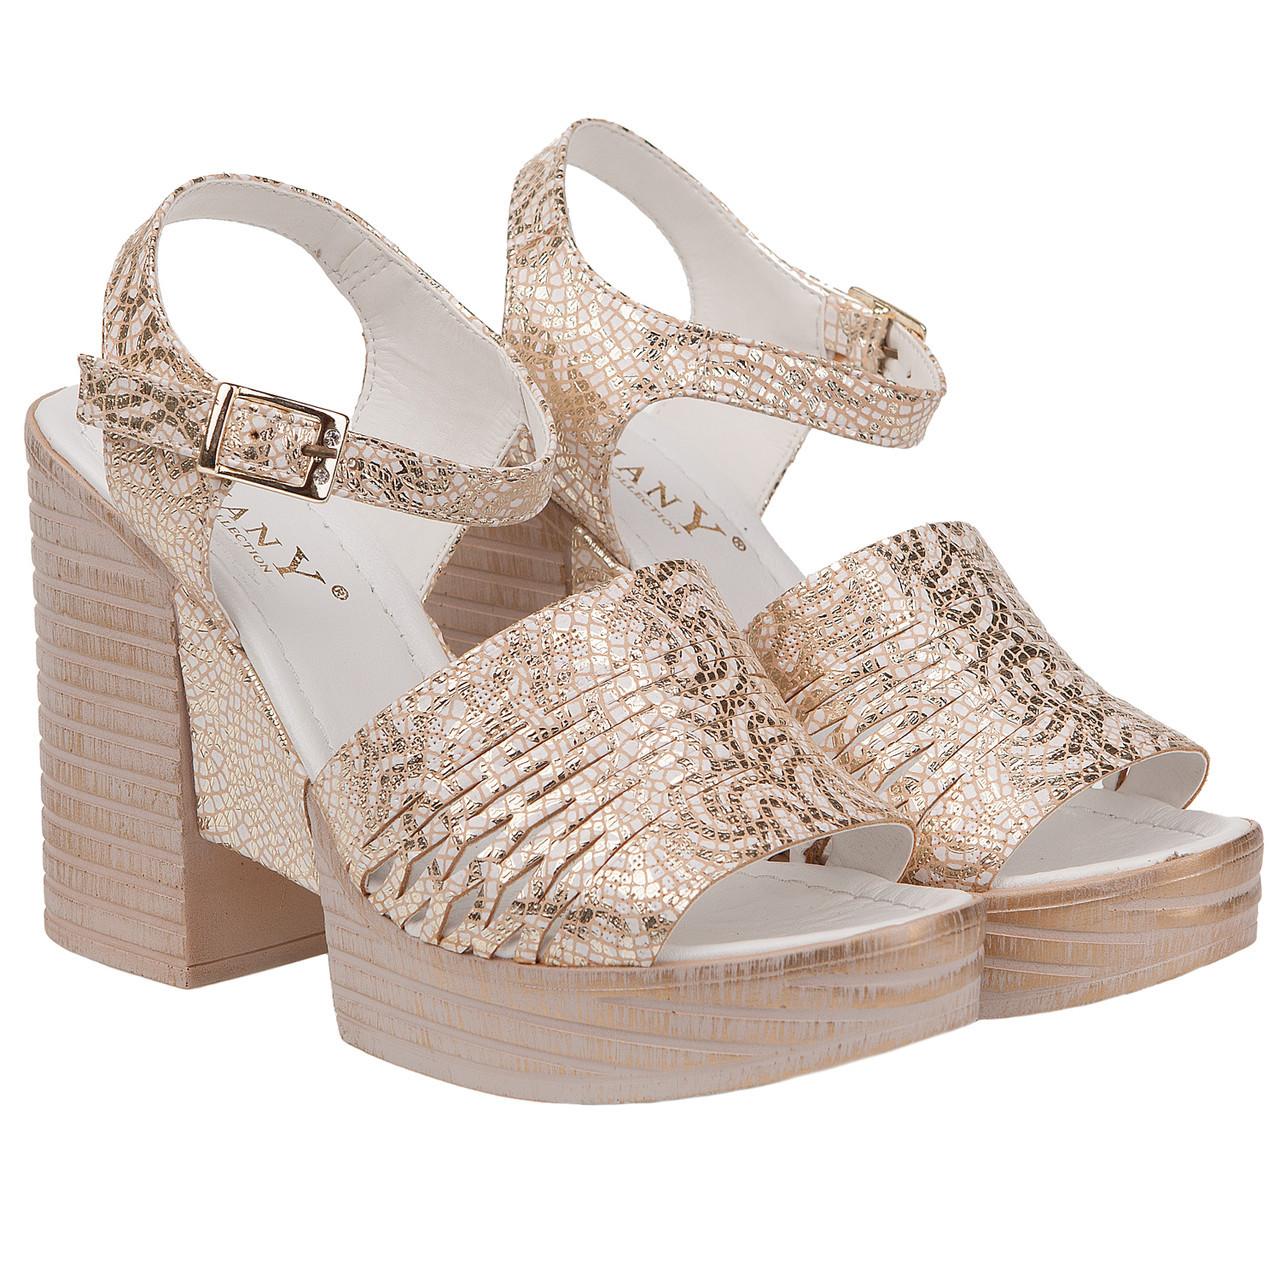 116910820 Босоножки женские Phany (золотистого цвета, оригинальные, модные, удобные,  комфортные) -